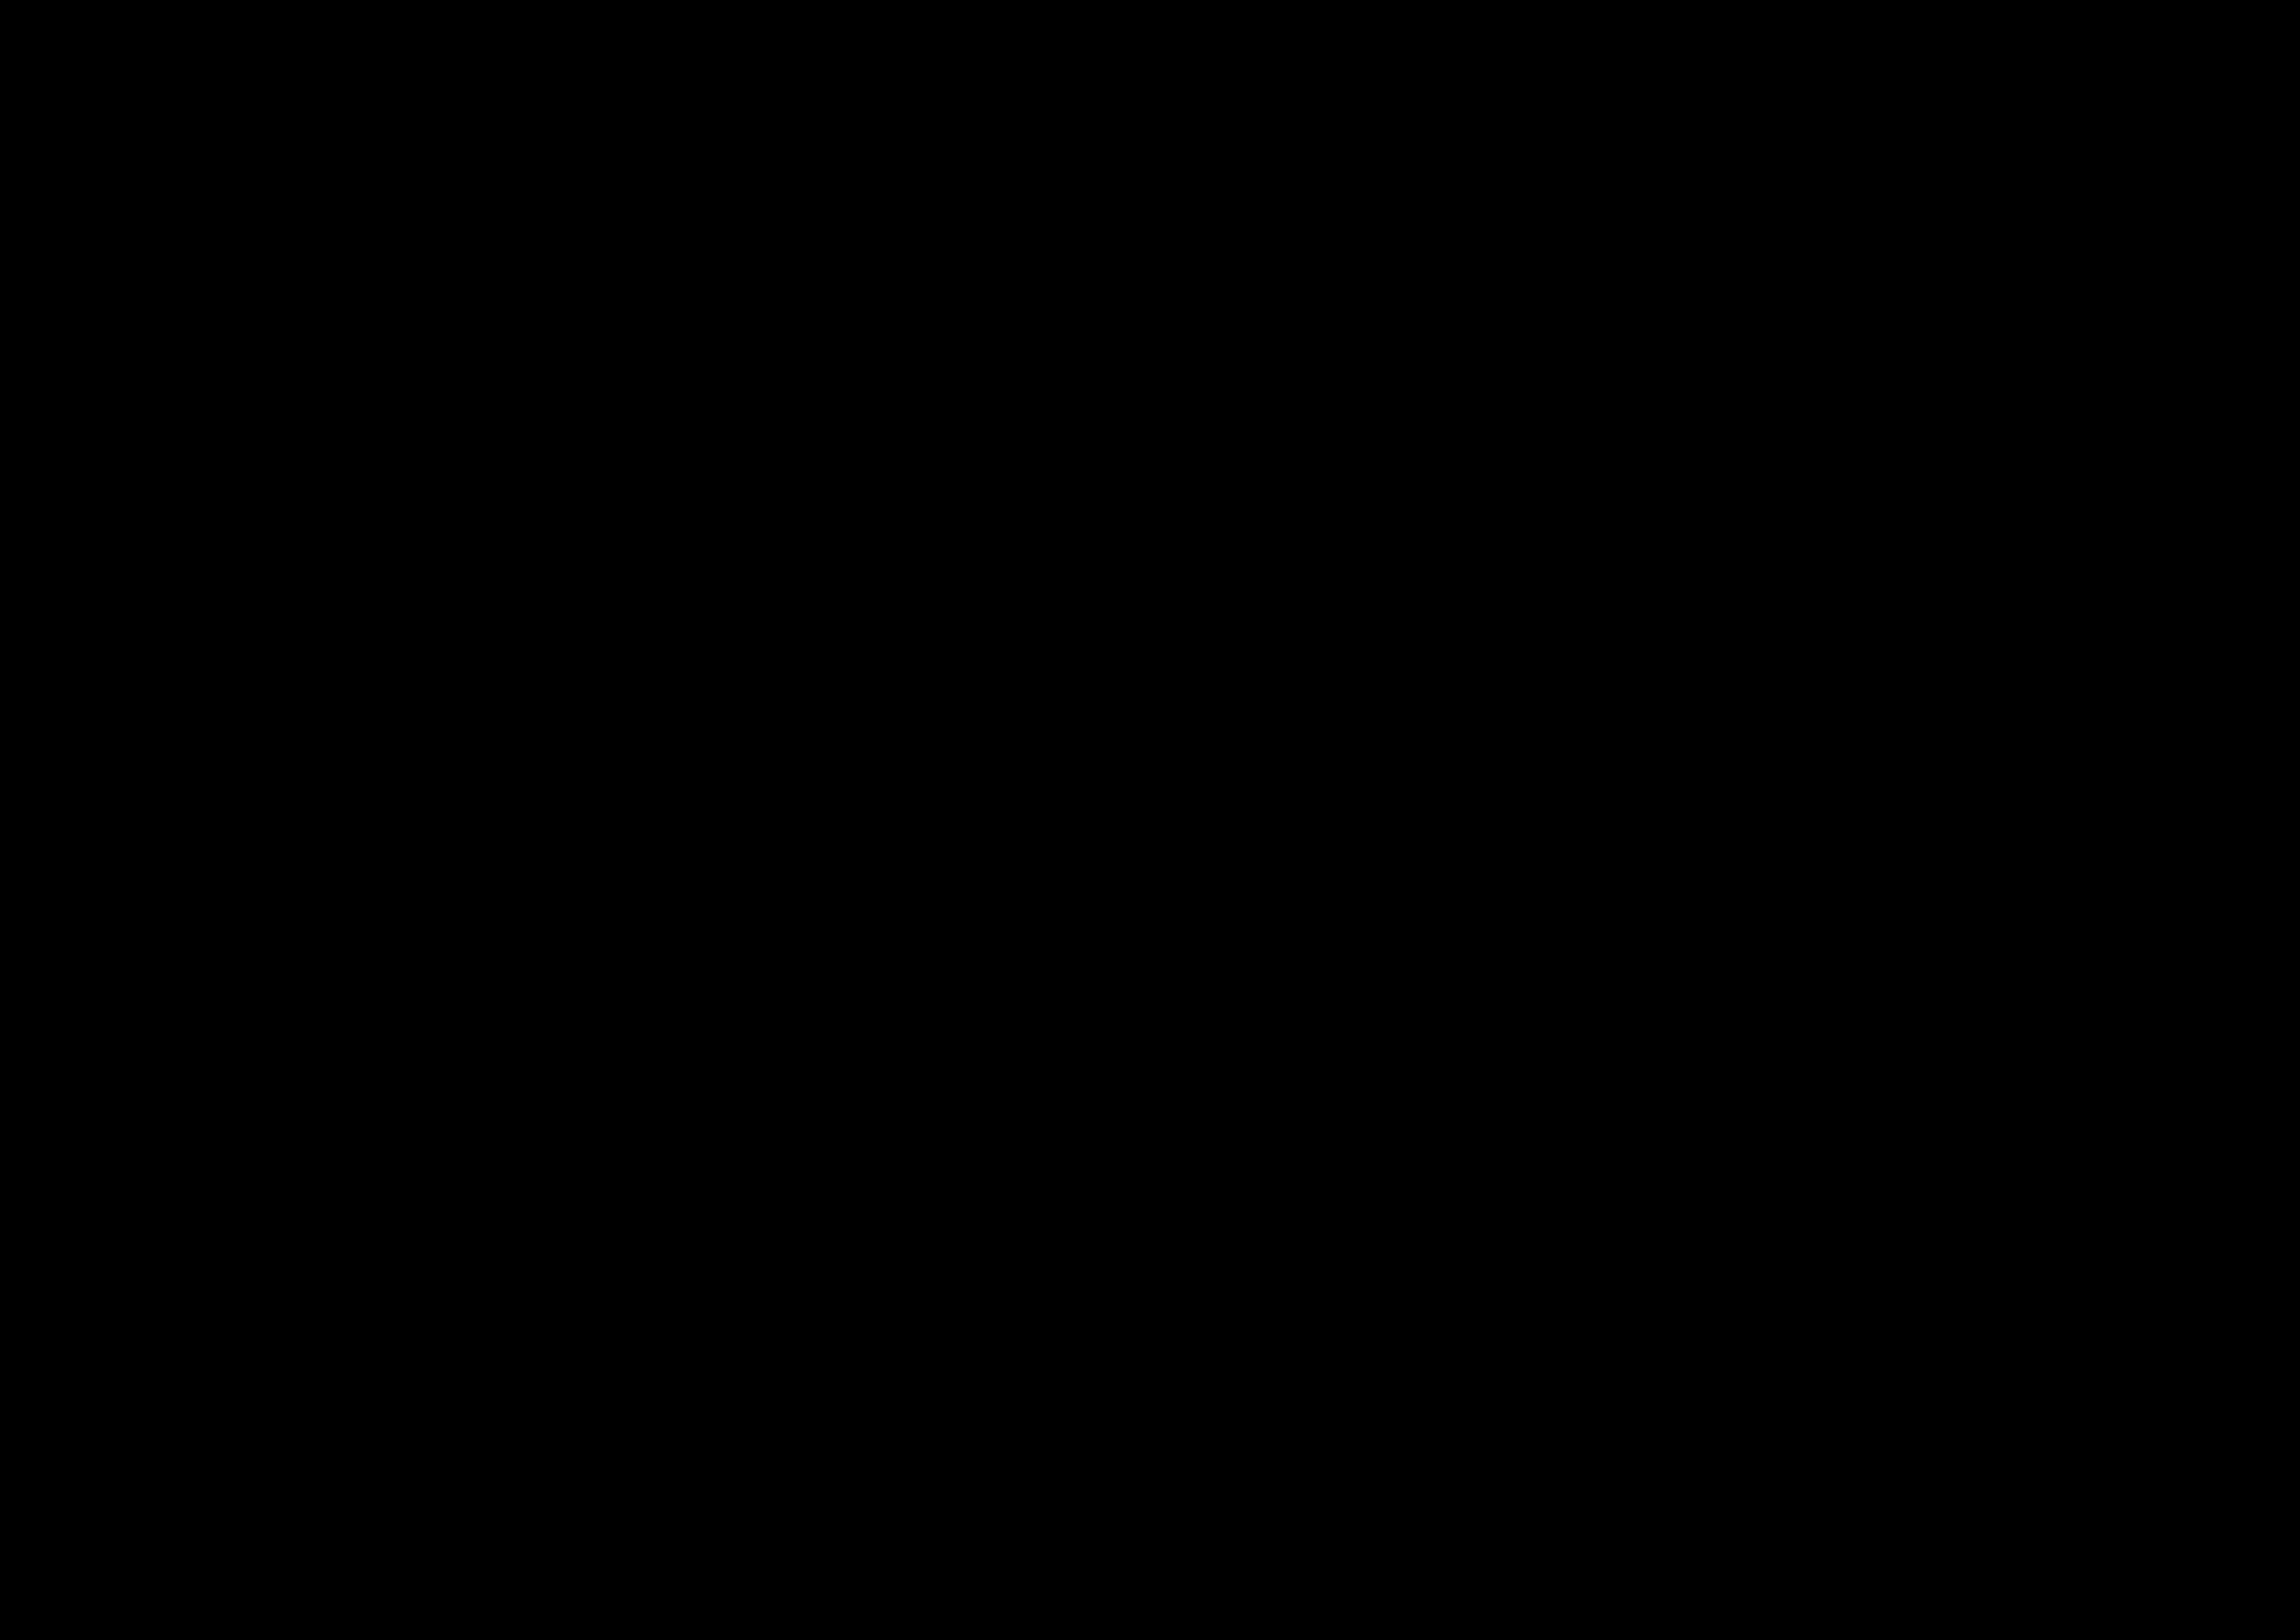 Vilniaus Rotuse